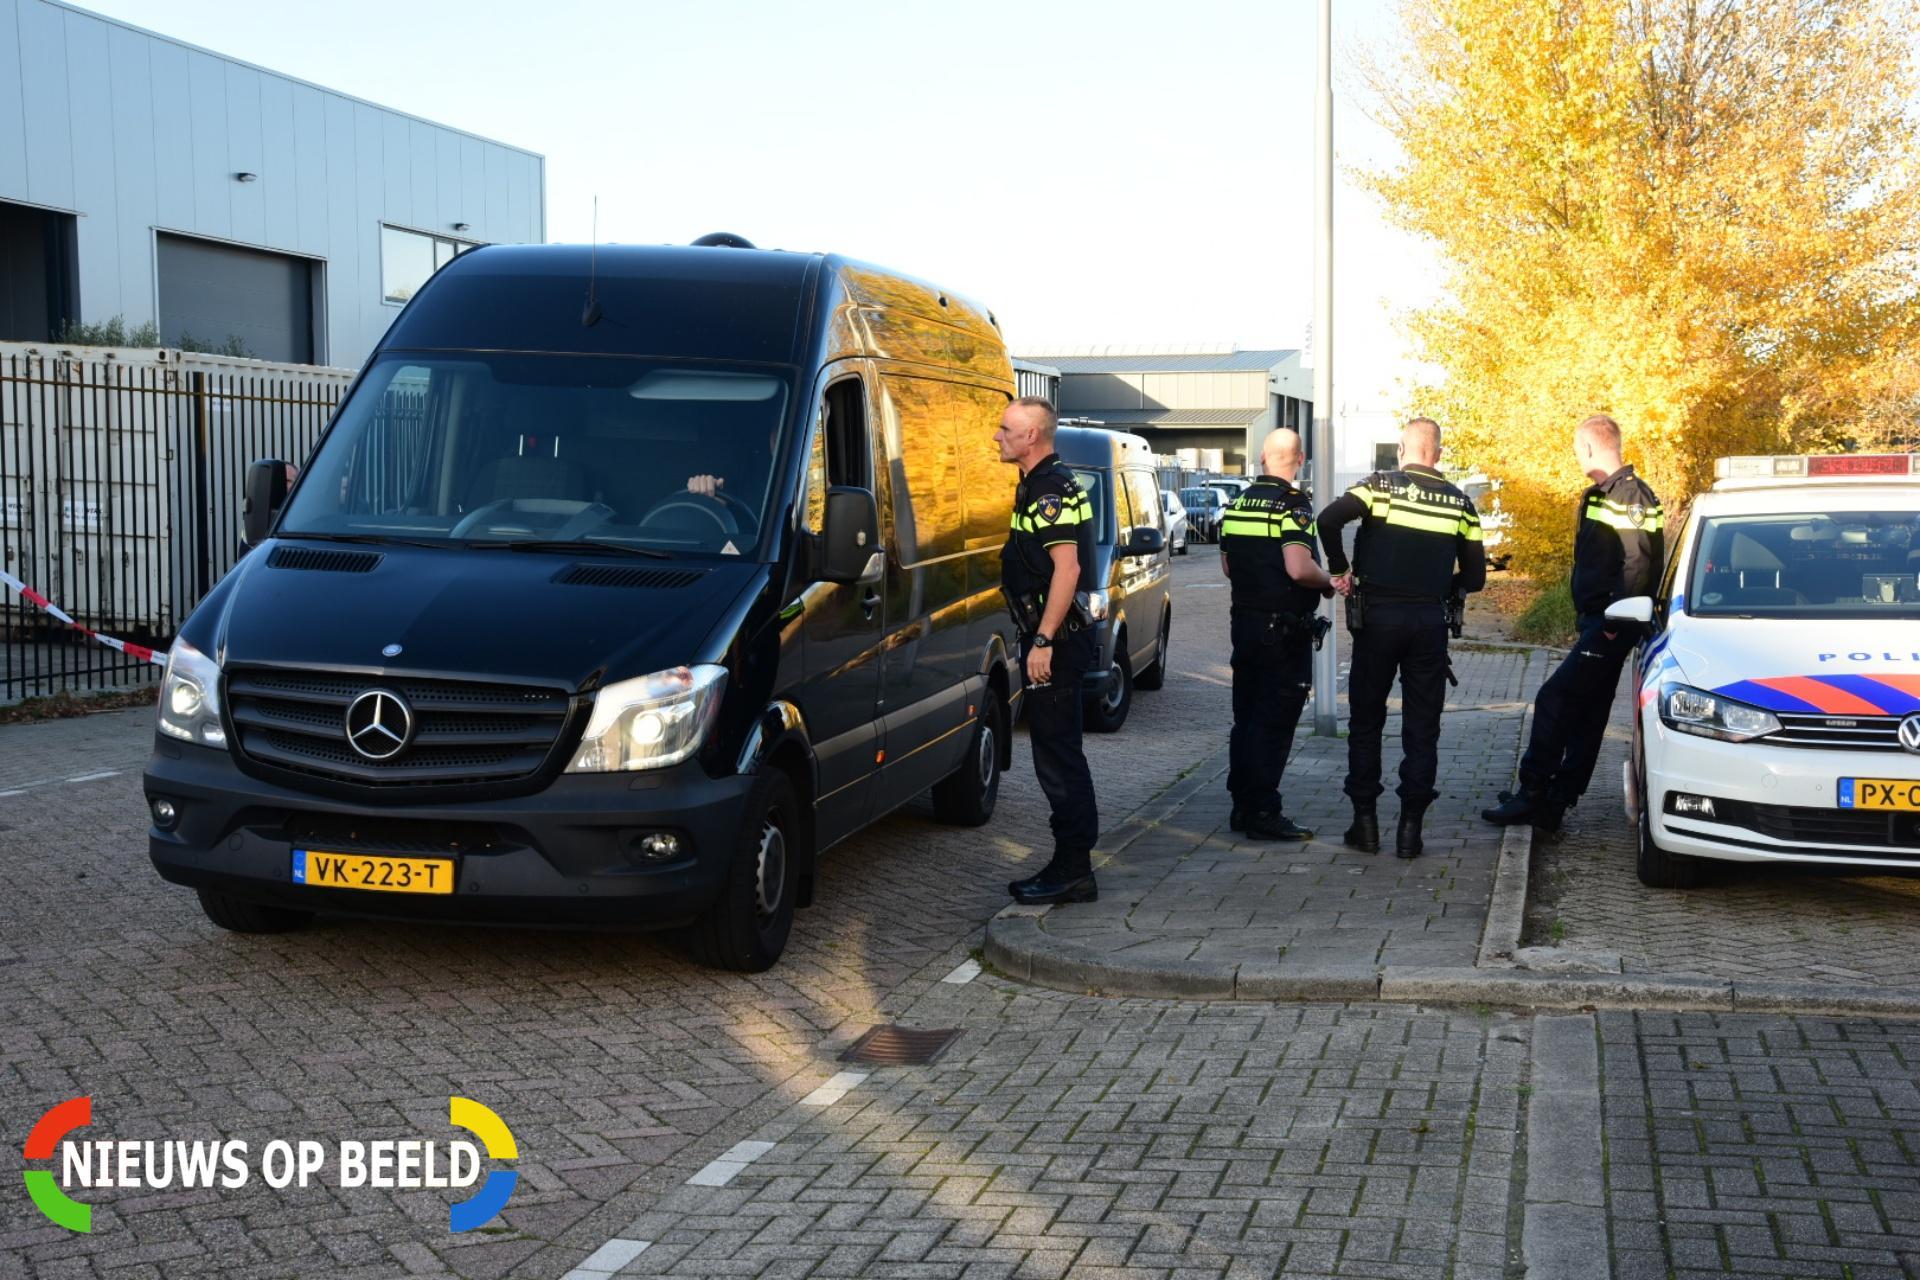 Mogelijk drugslab gevonden na melding van hennepkwekerij Leemansstraat Sliedrecht